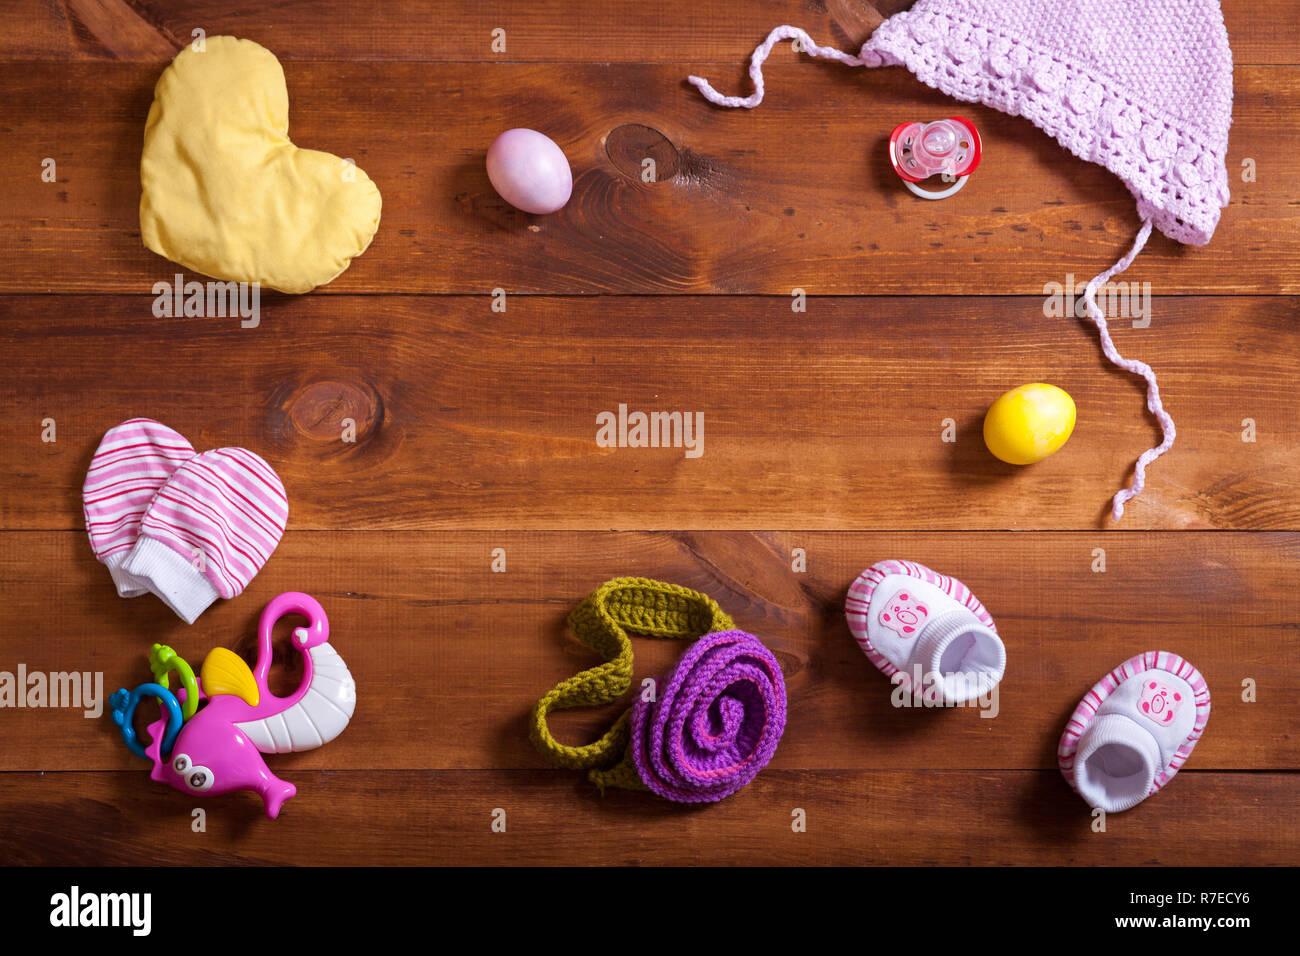 52e47a58a Ropa de bebé, ropa de algodón tejida, Kid juguetes y accesorios de madera  color